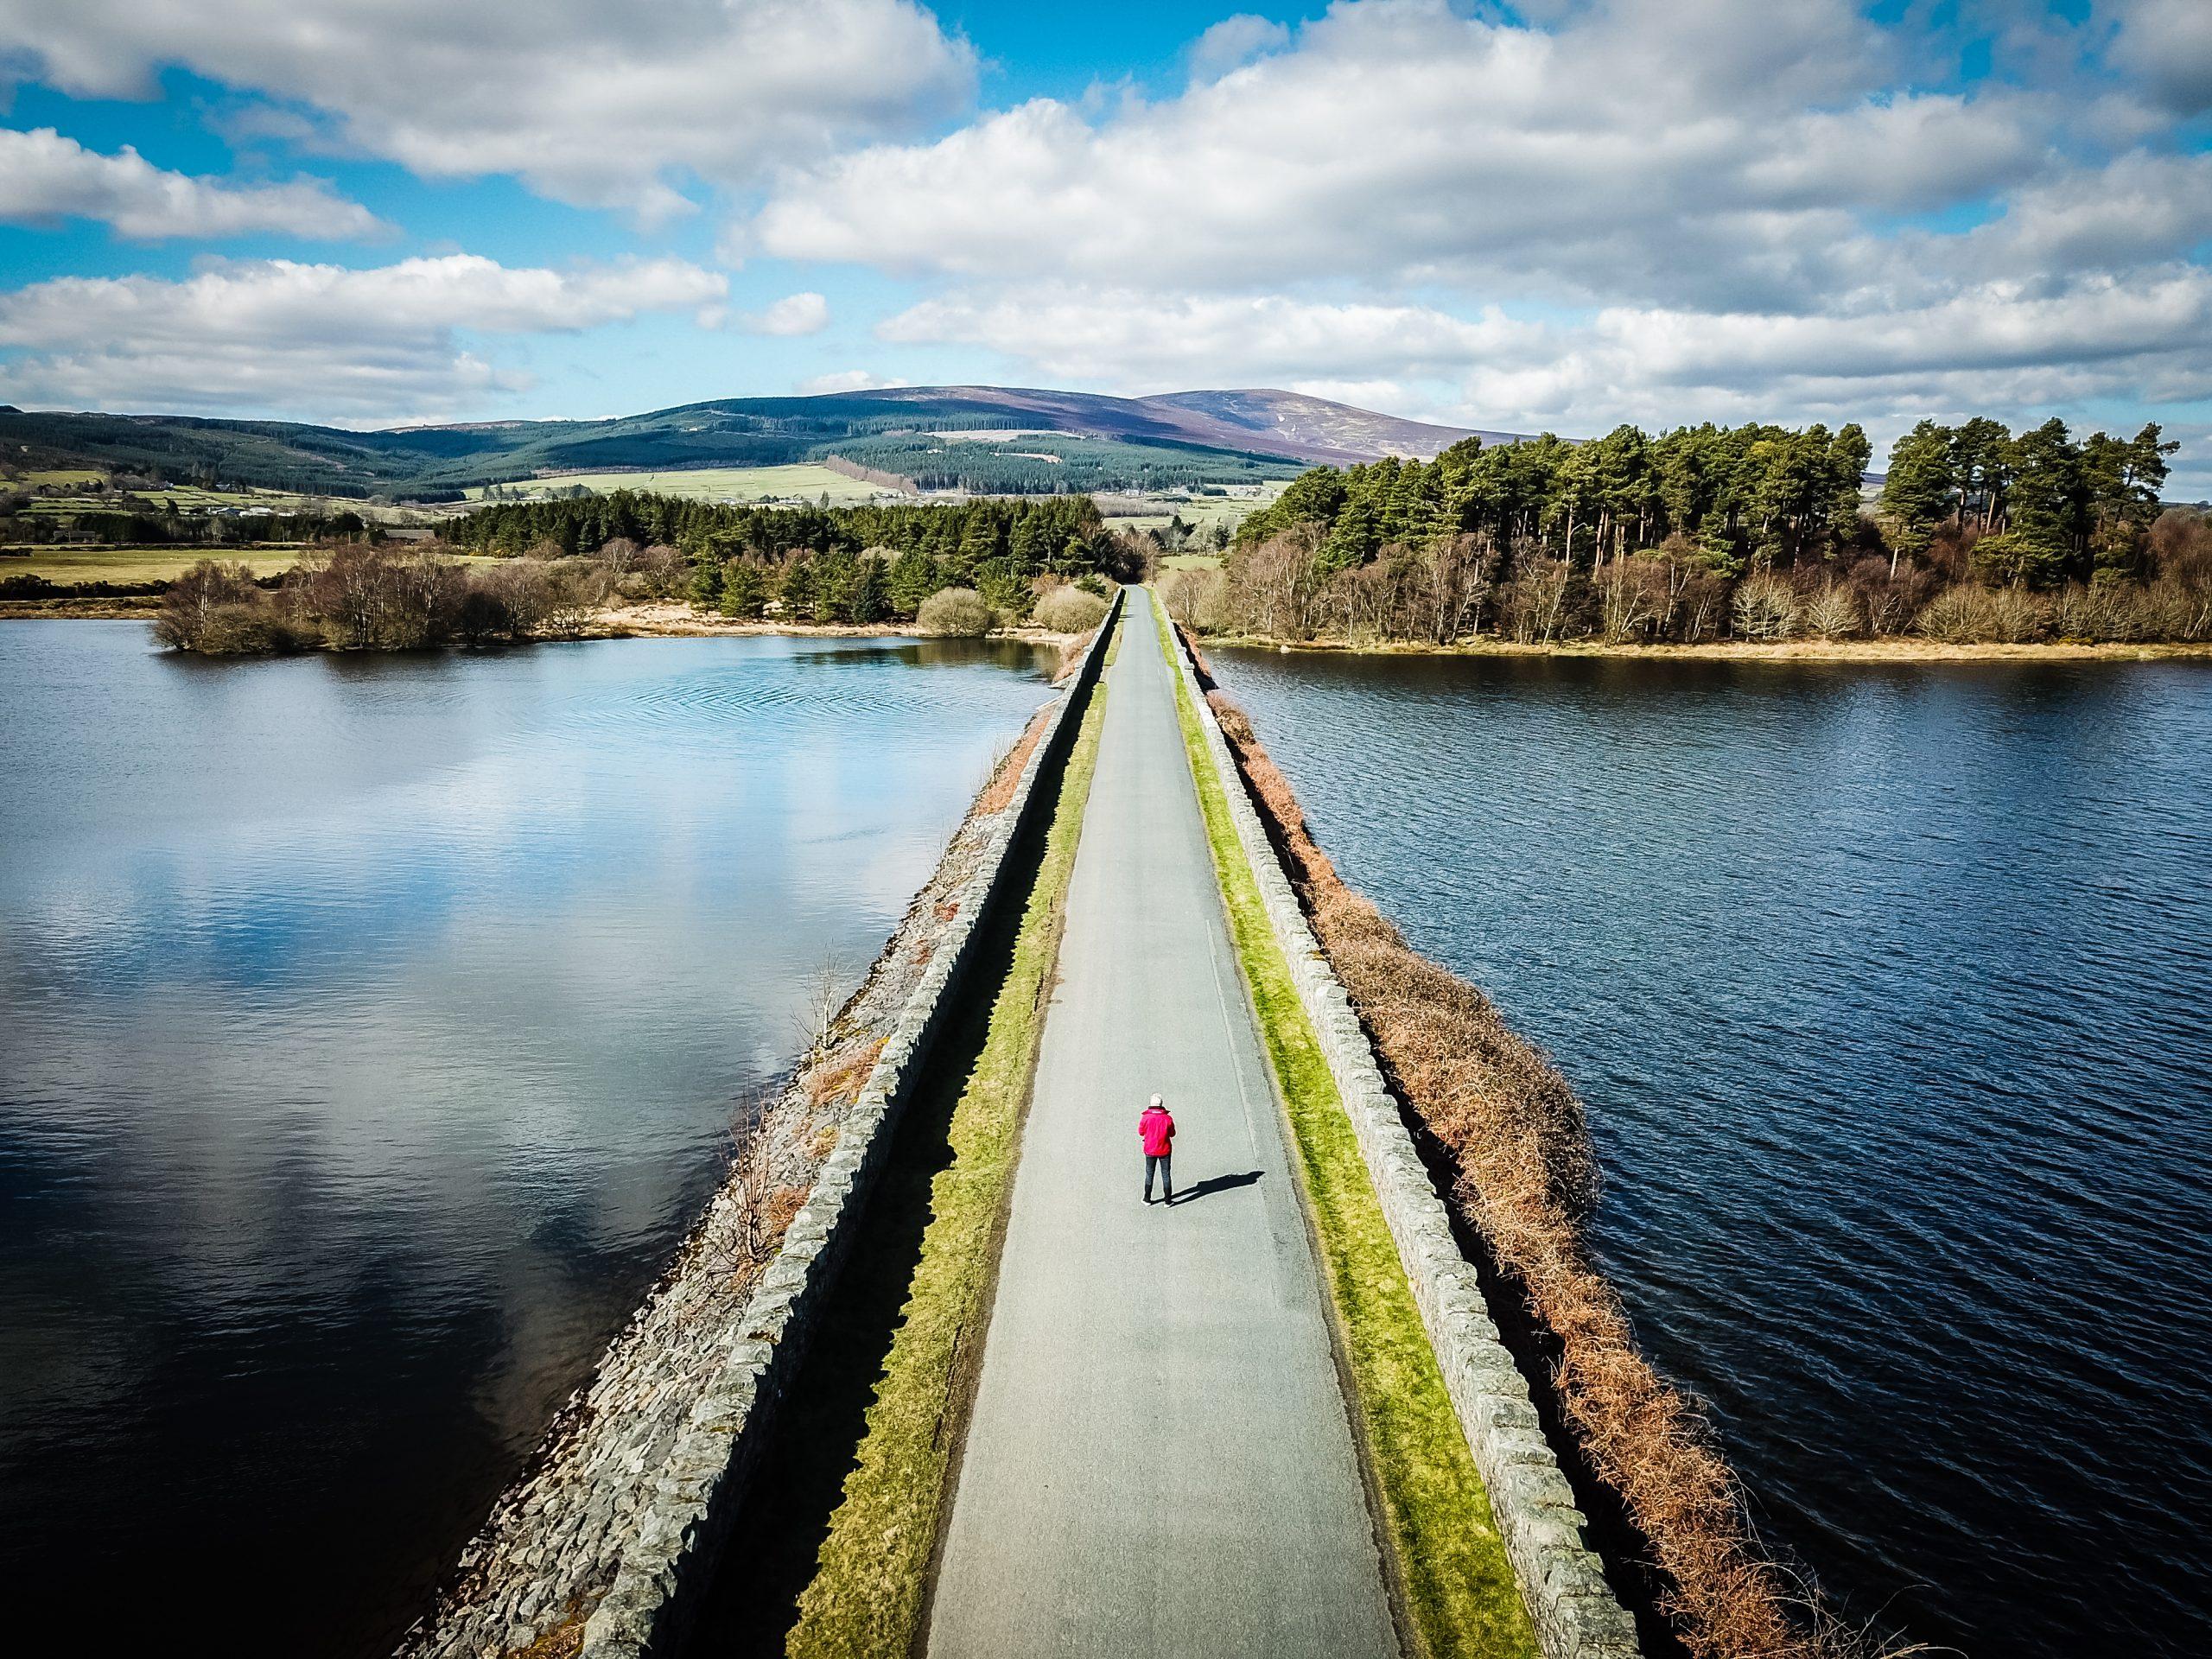 Wicklow Reservoir